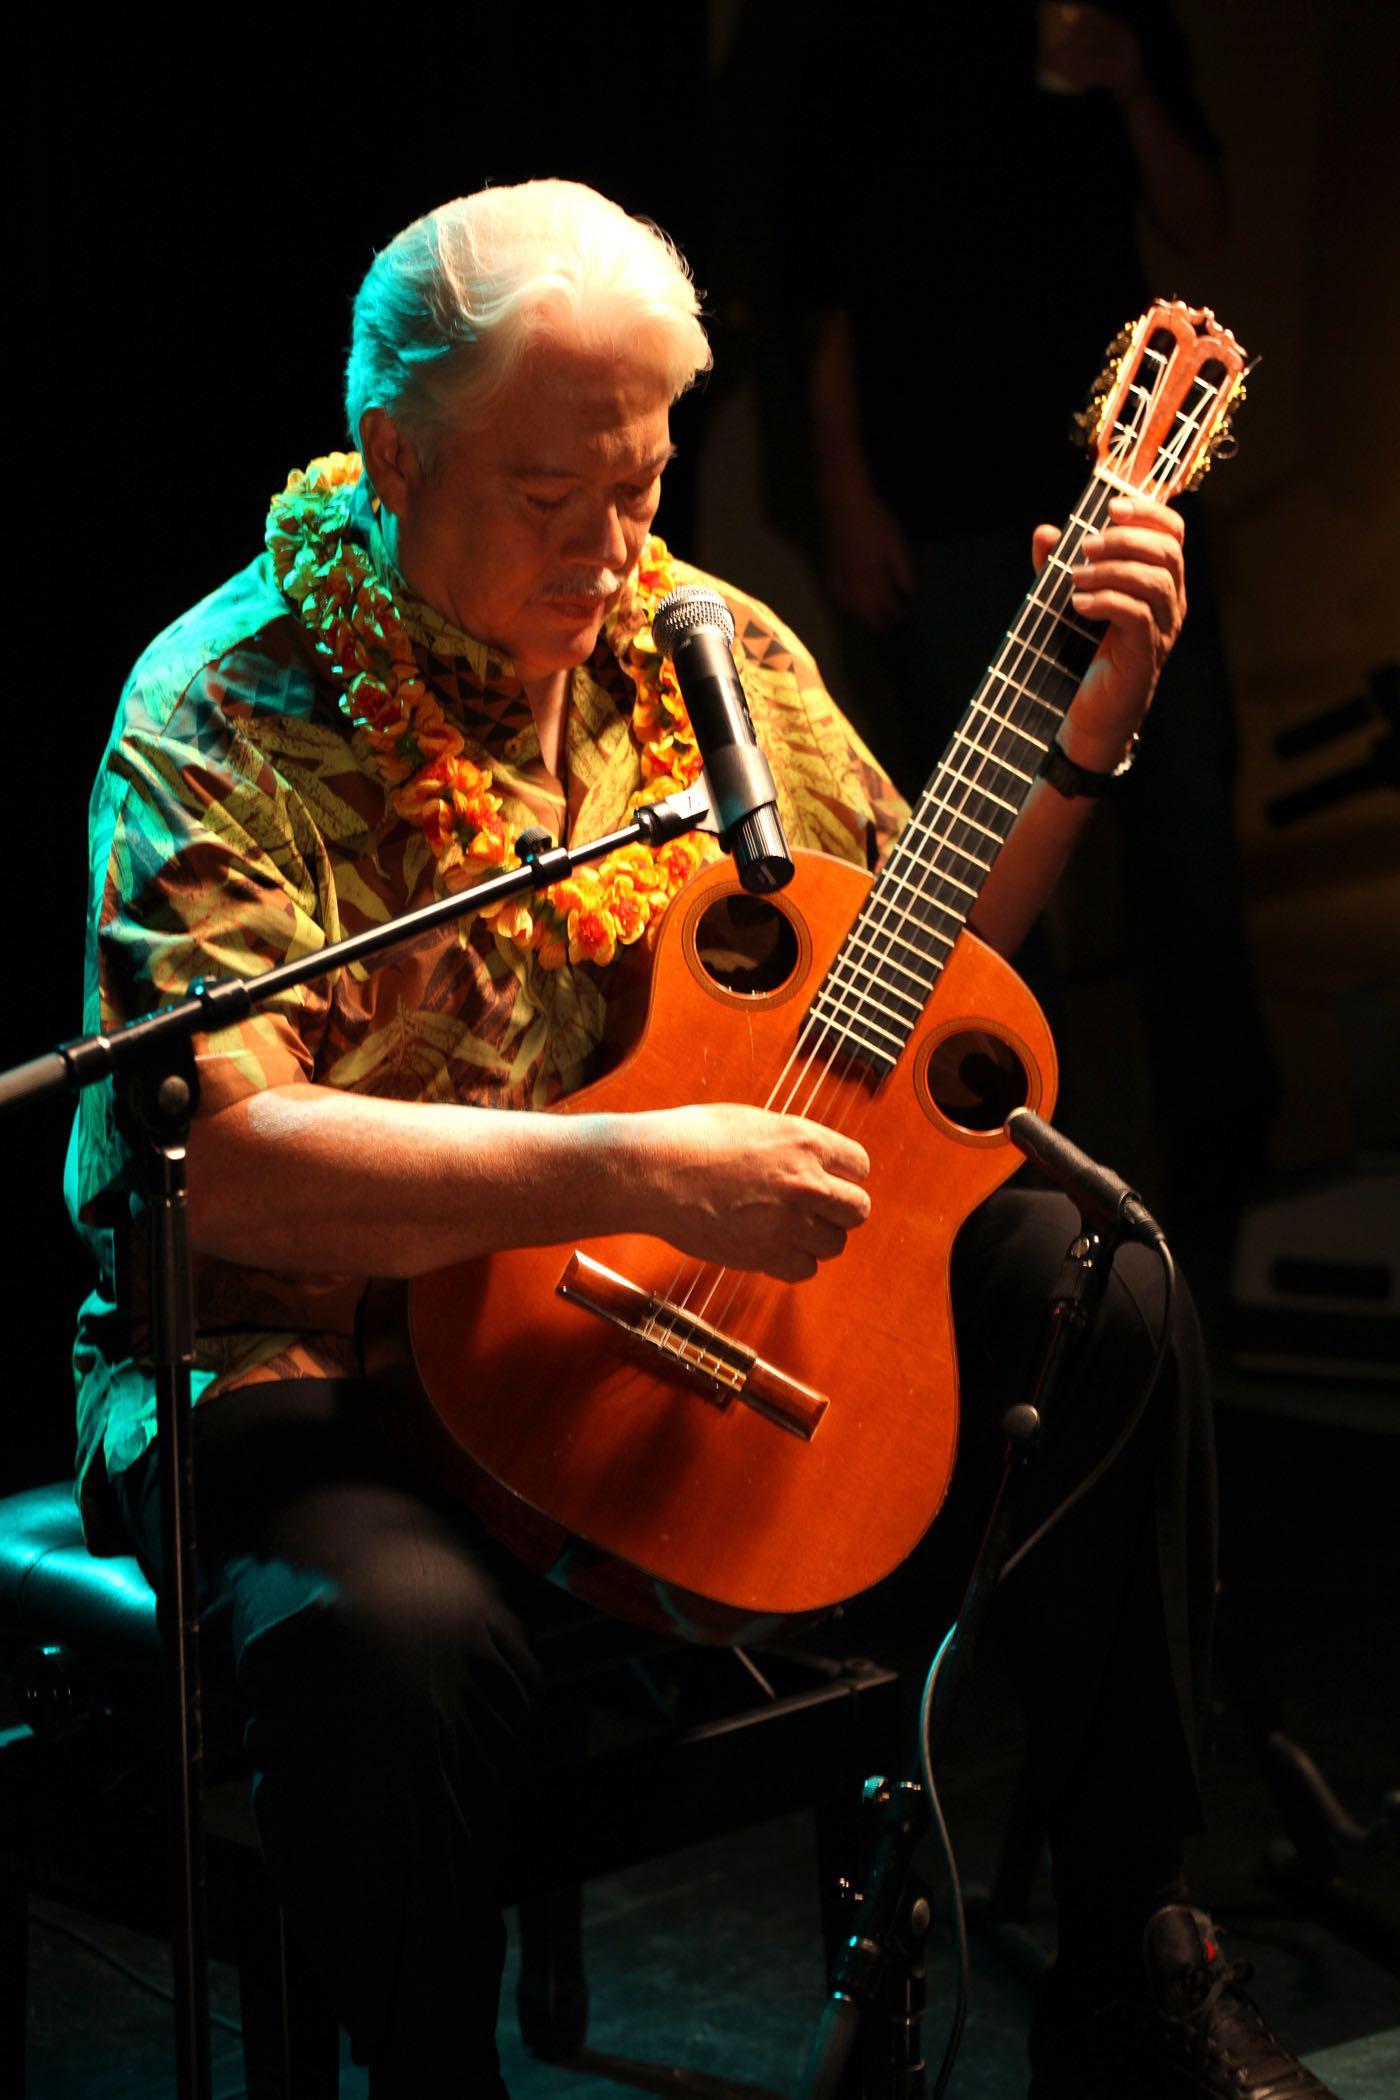 ケオラ・ビーマー&モアナ・ビーマー From Hawaii